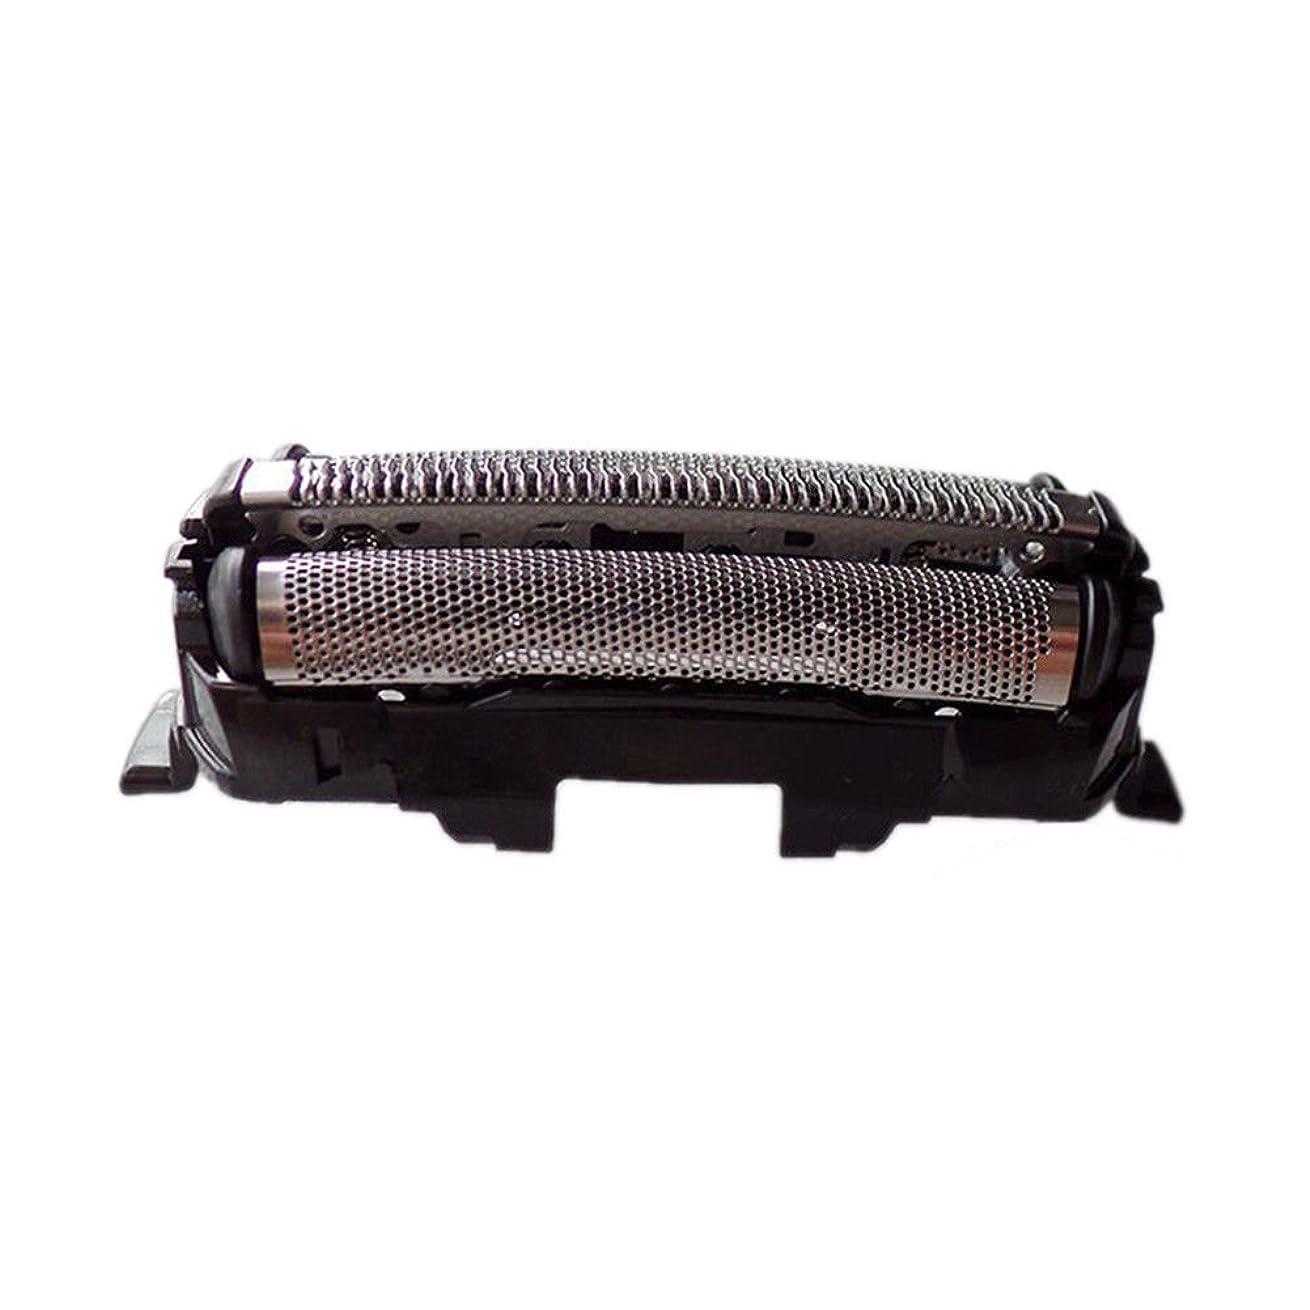 Hzjundasi シェーバーパーツ 部品 外刃 ロータリー式シェーバー替刃 耐用 高質量 for Panasonic ES9087 ES8113 ES8116 ES-LT22/LT31